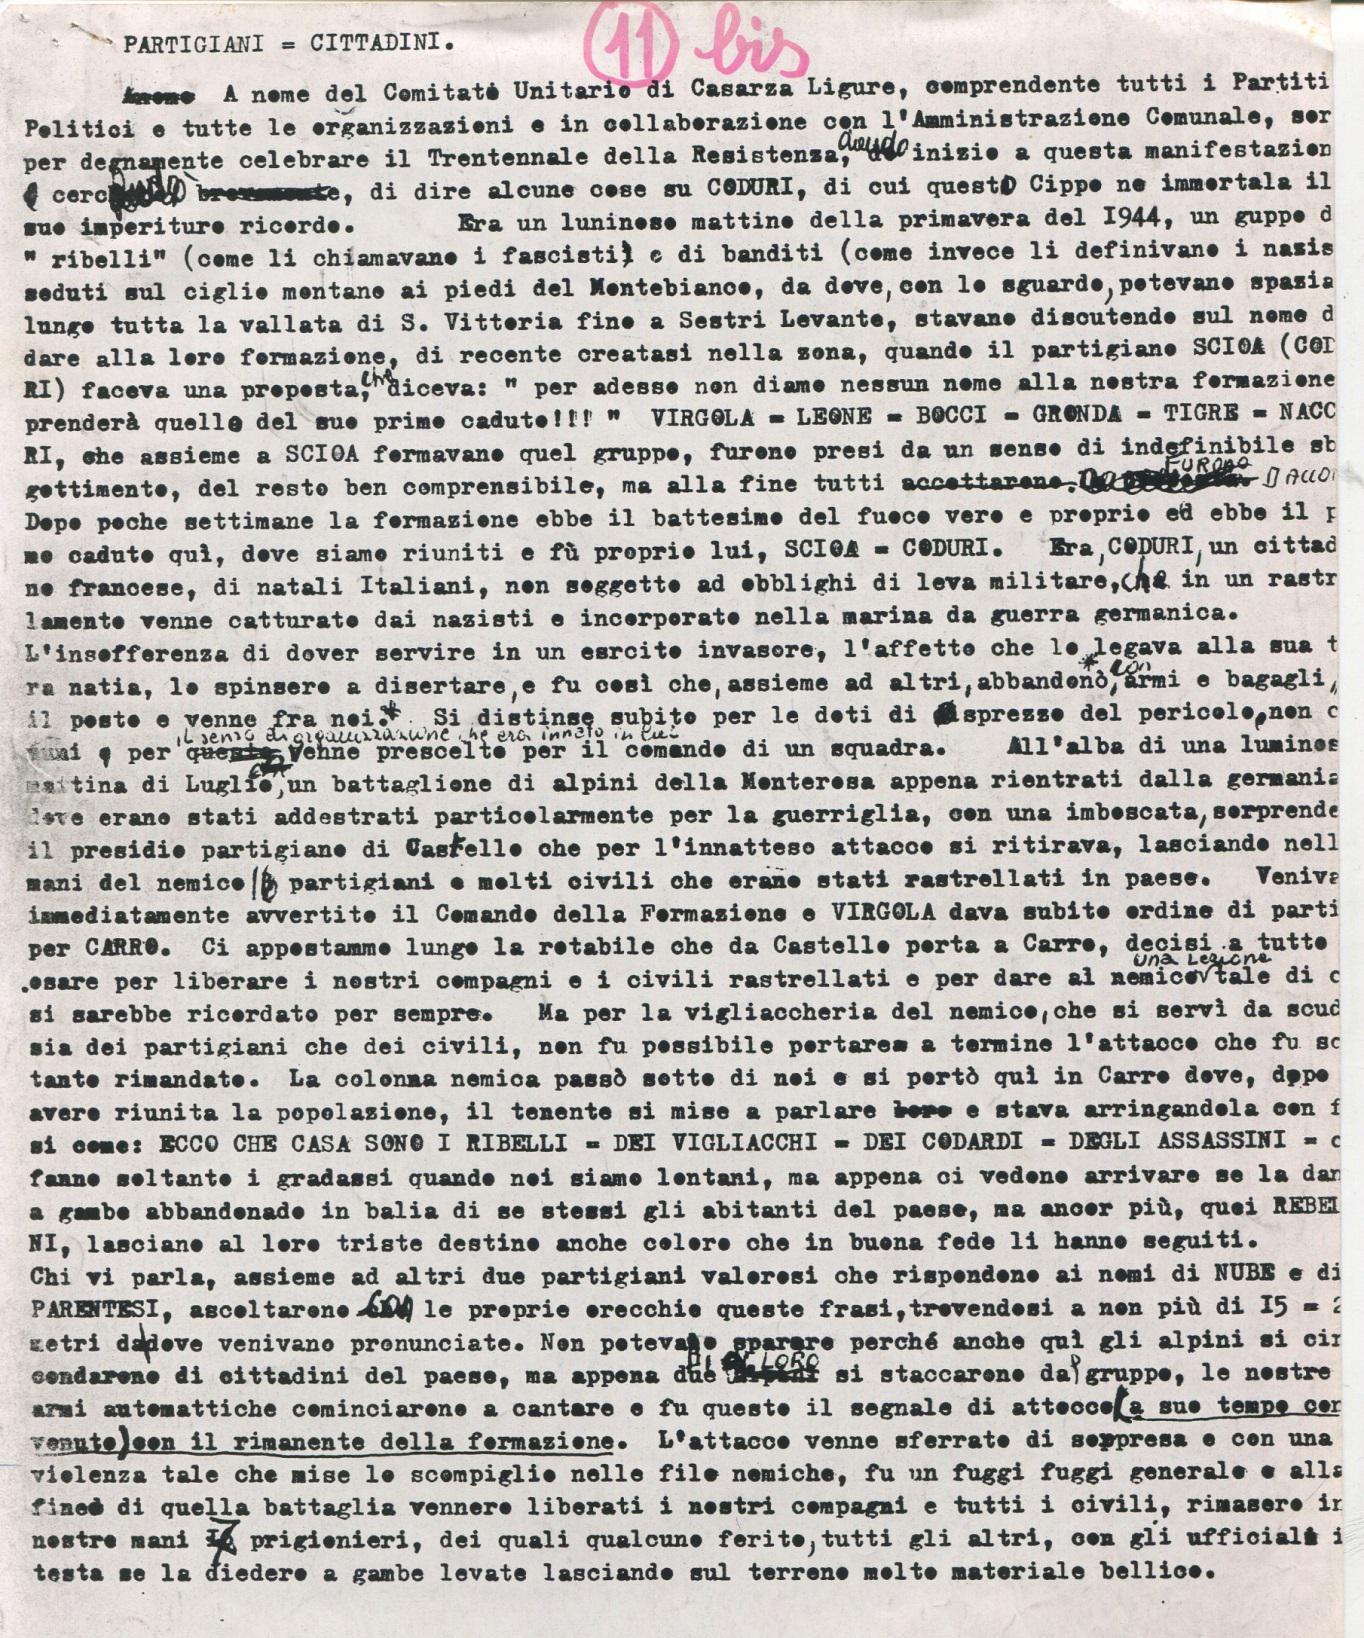 1 PROLUSIONE REDATTA E LETTA DA INCARICATO DEL COMITATO UNITARIO DI CASARZA LIGURE IN OCCASIONE DELLA CELEBRAZIONE DEL 25 APRILE 1975